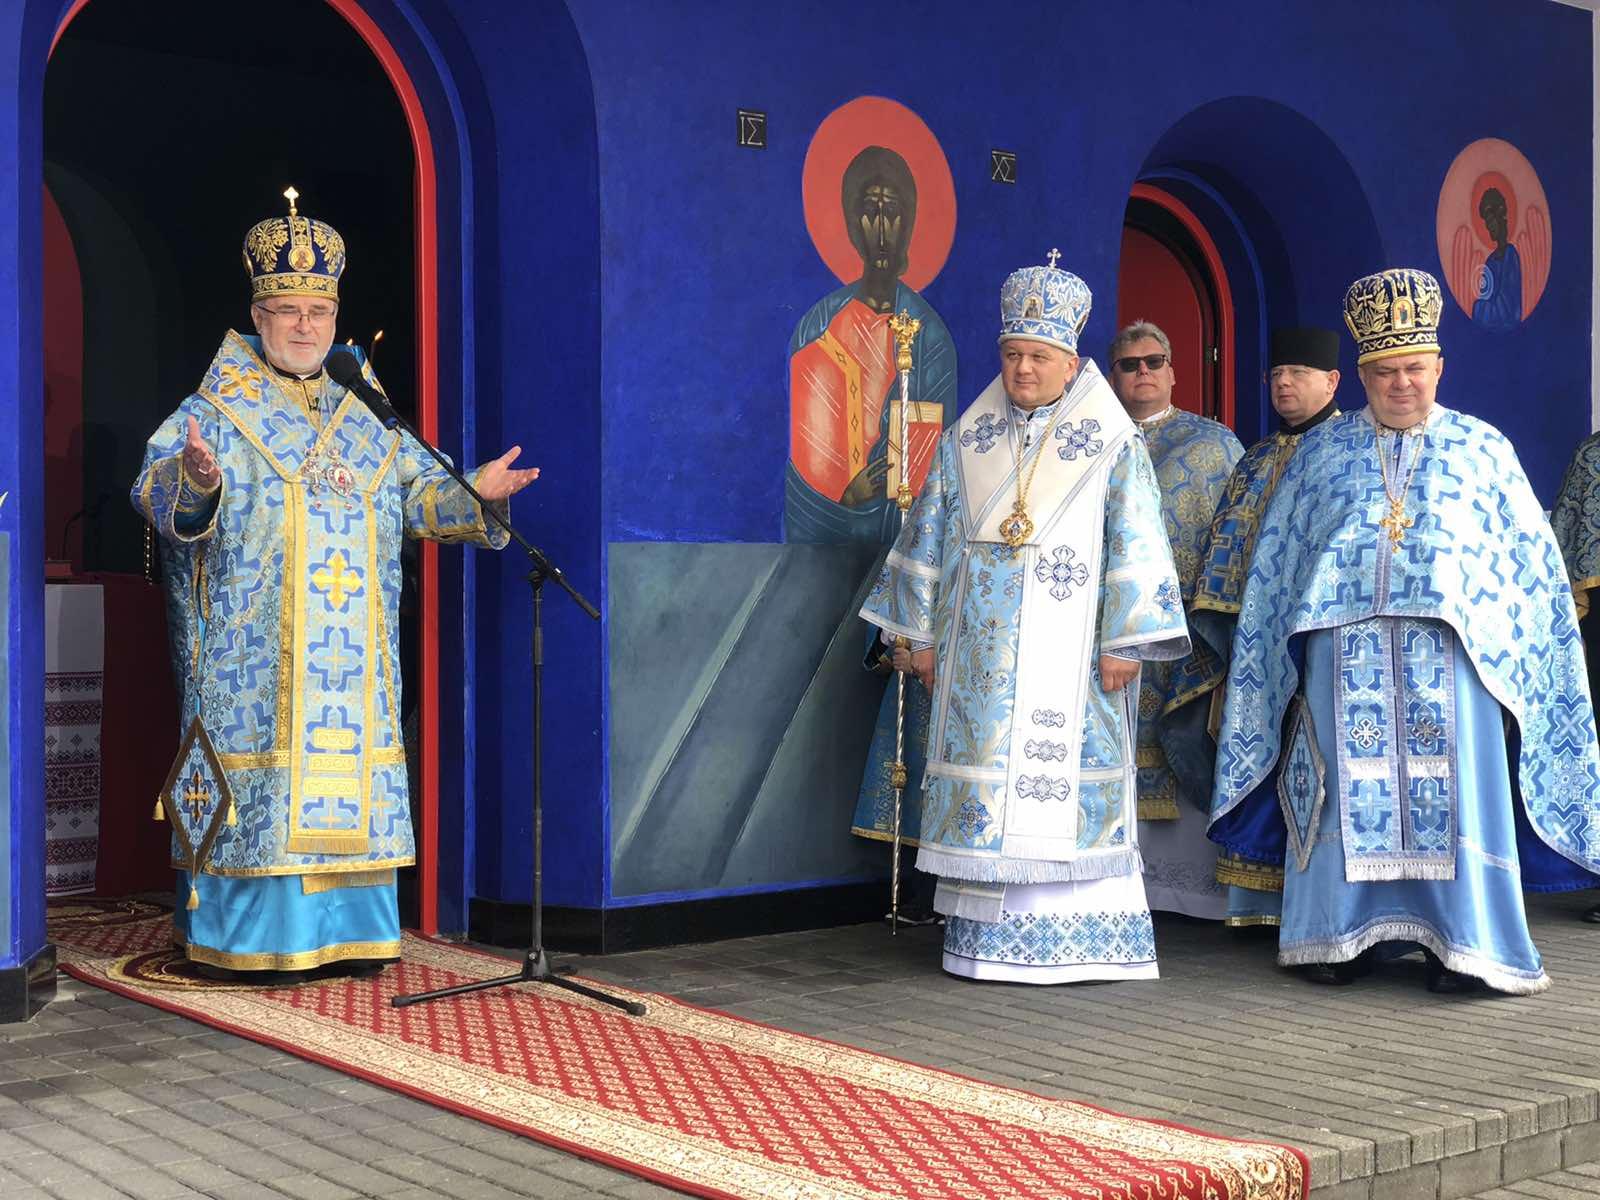 Odbyły się uroczystości odpustowe ku czci Narodzenia Przenajświętszej Bogurodzicy w Białym Borze